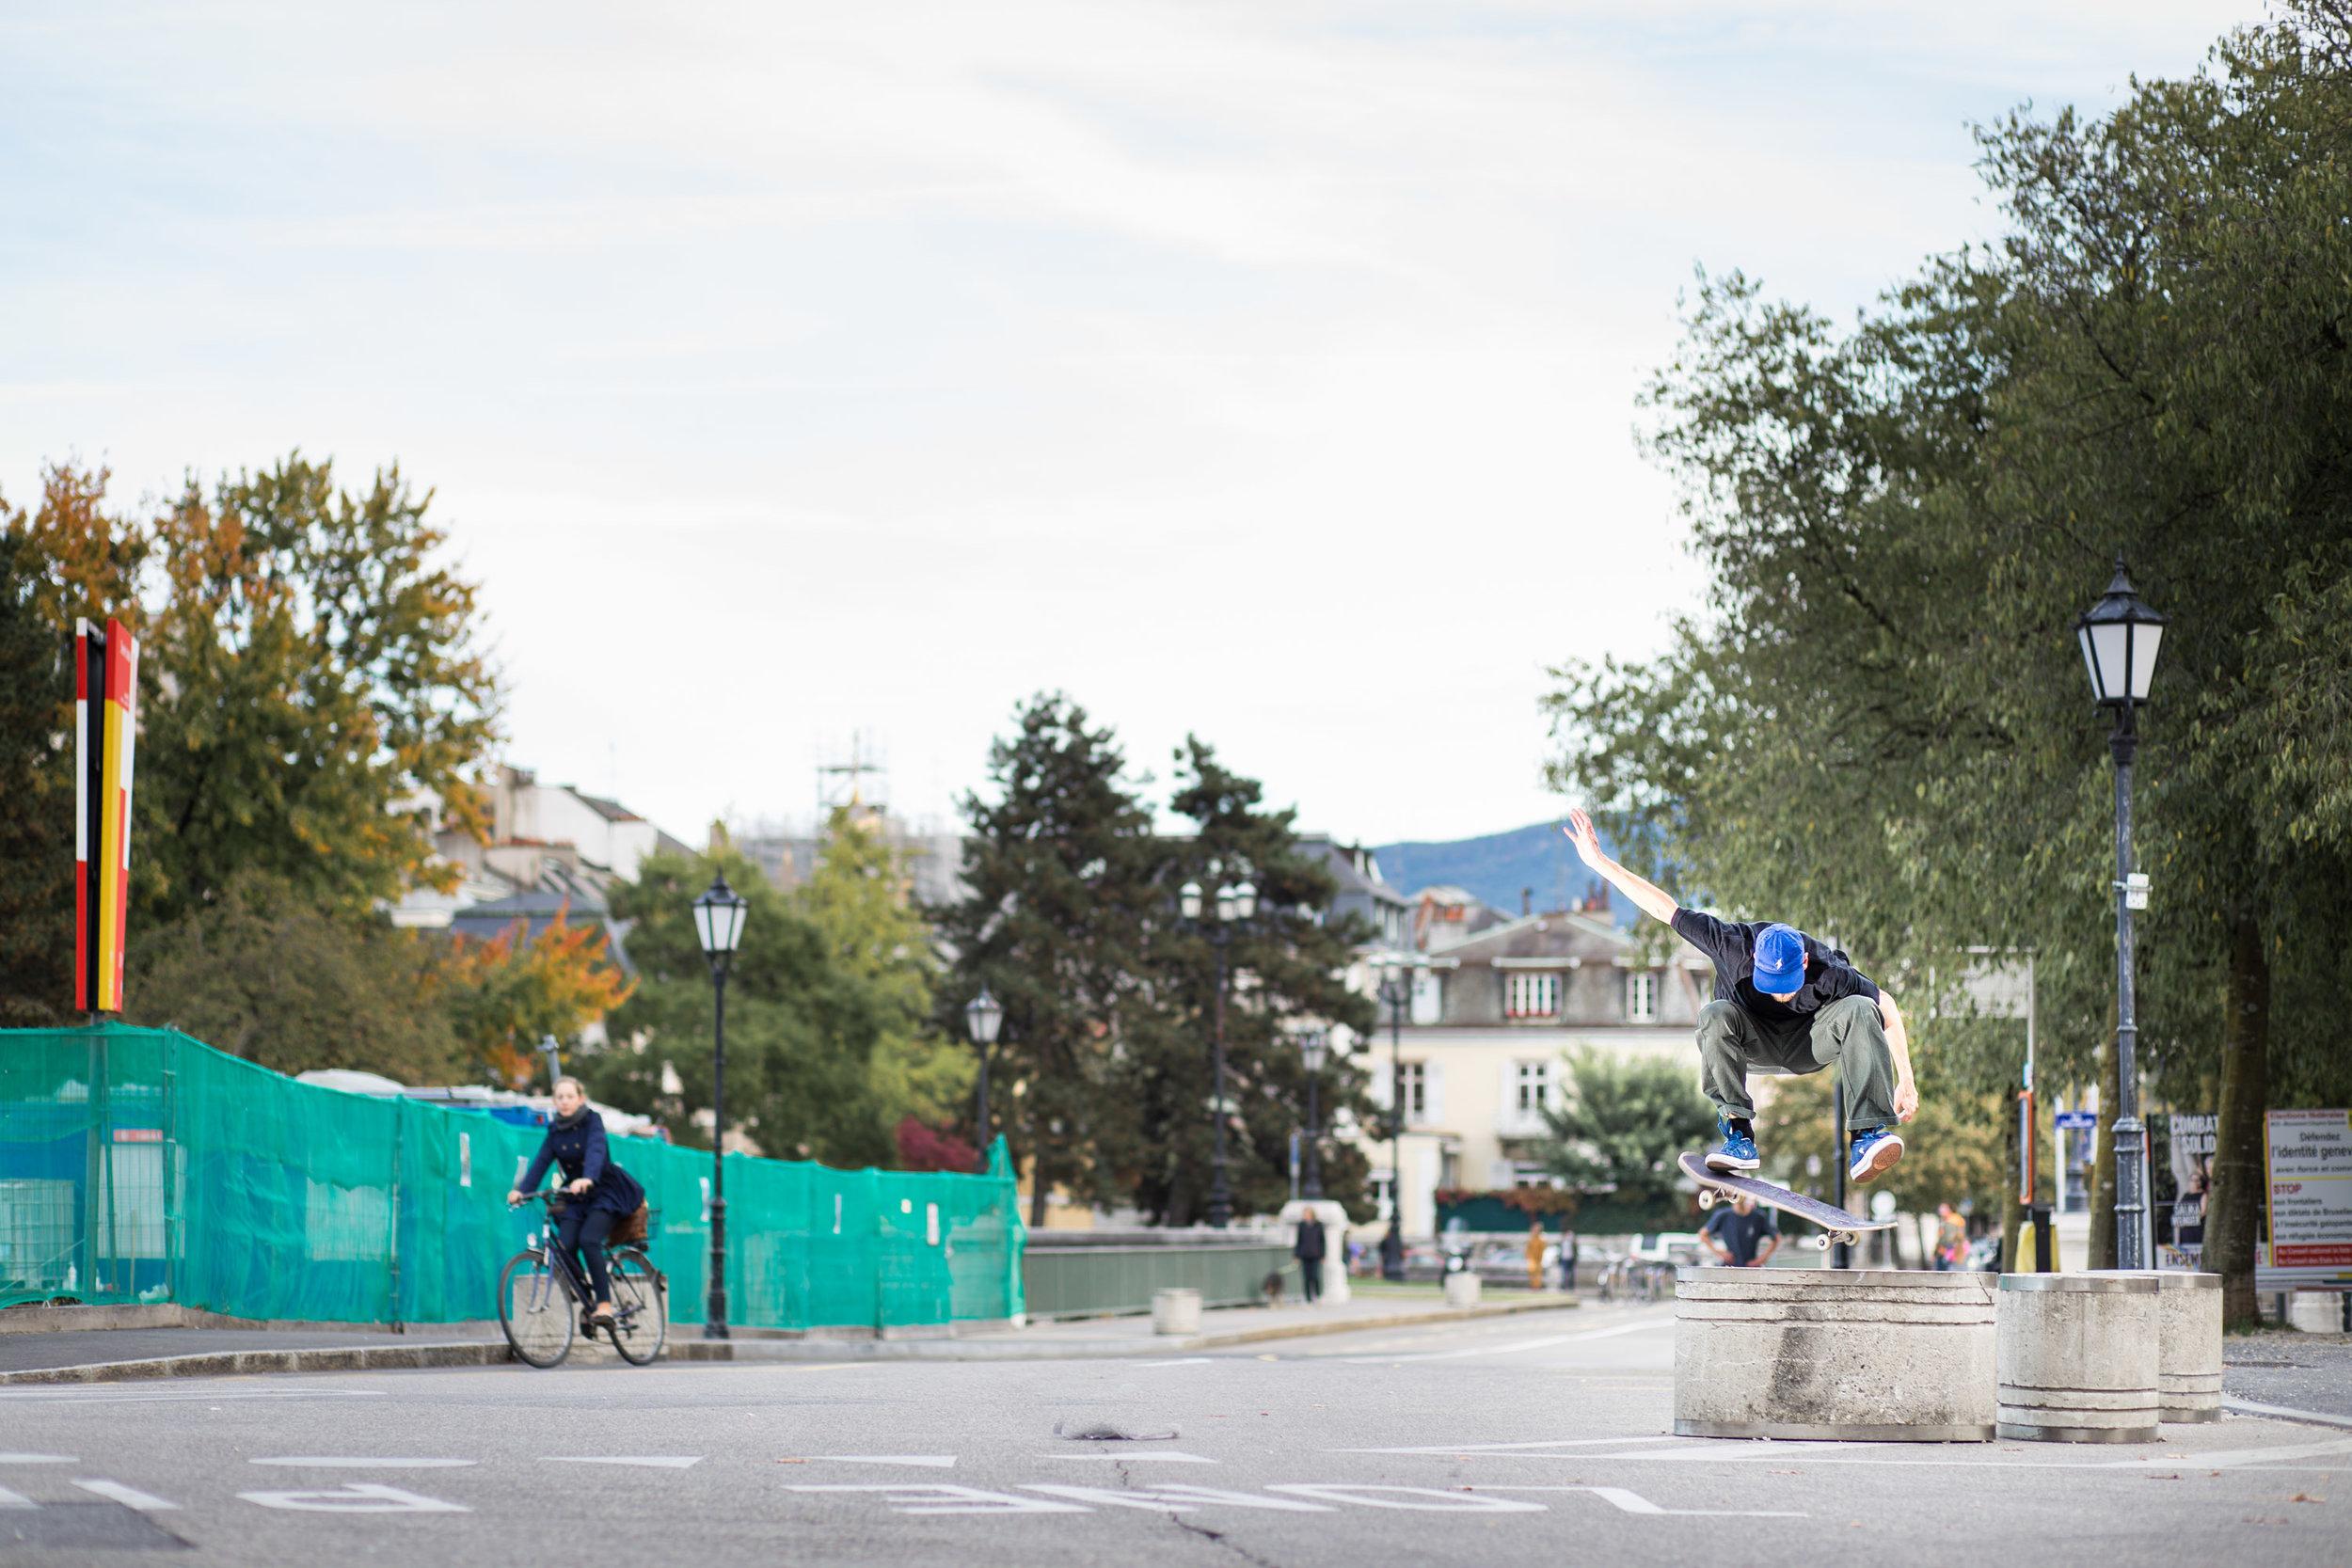 Guillaume Berthet - Frontside flip